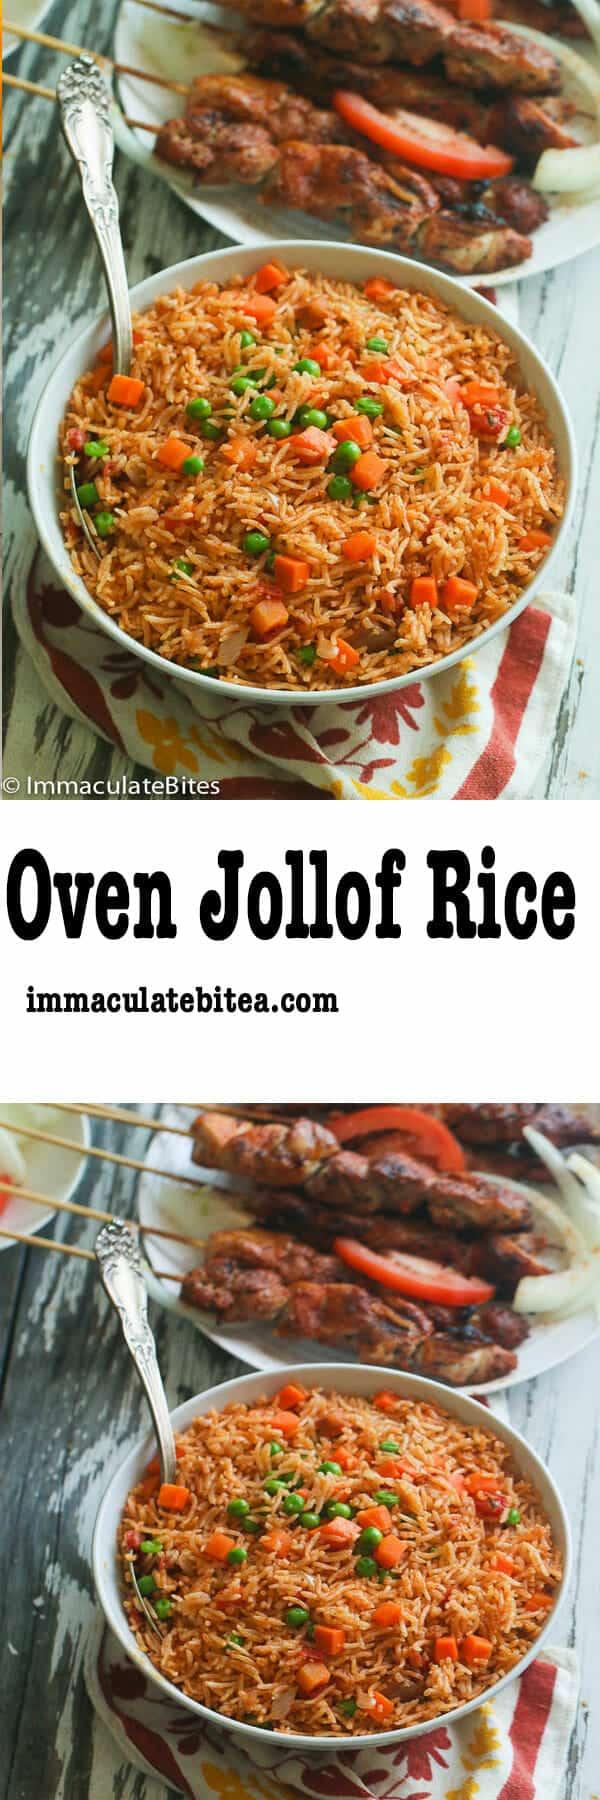 Oven Jollof Rice